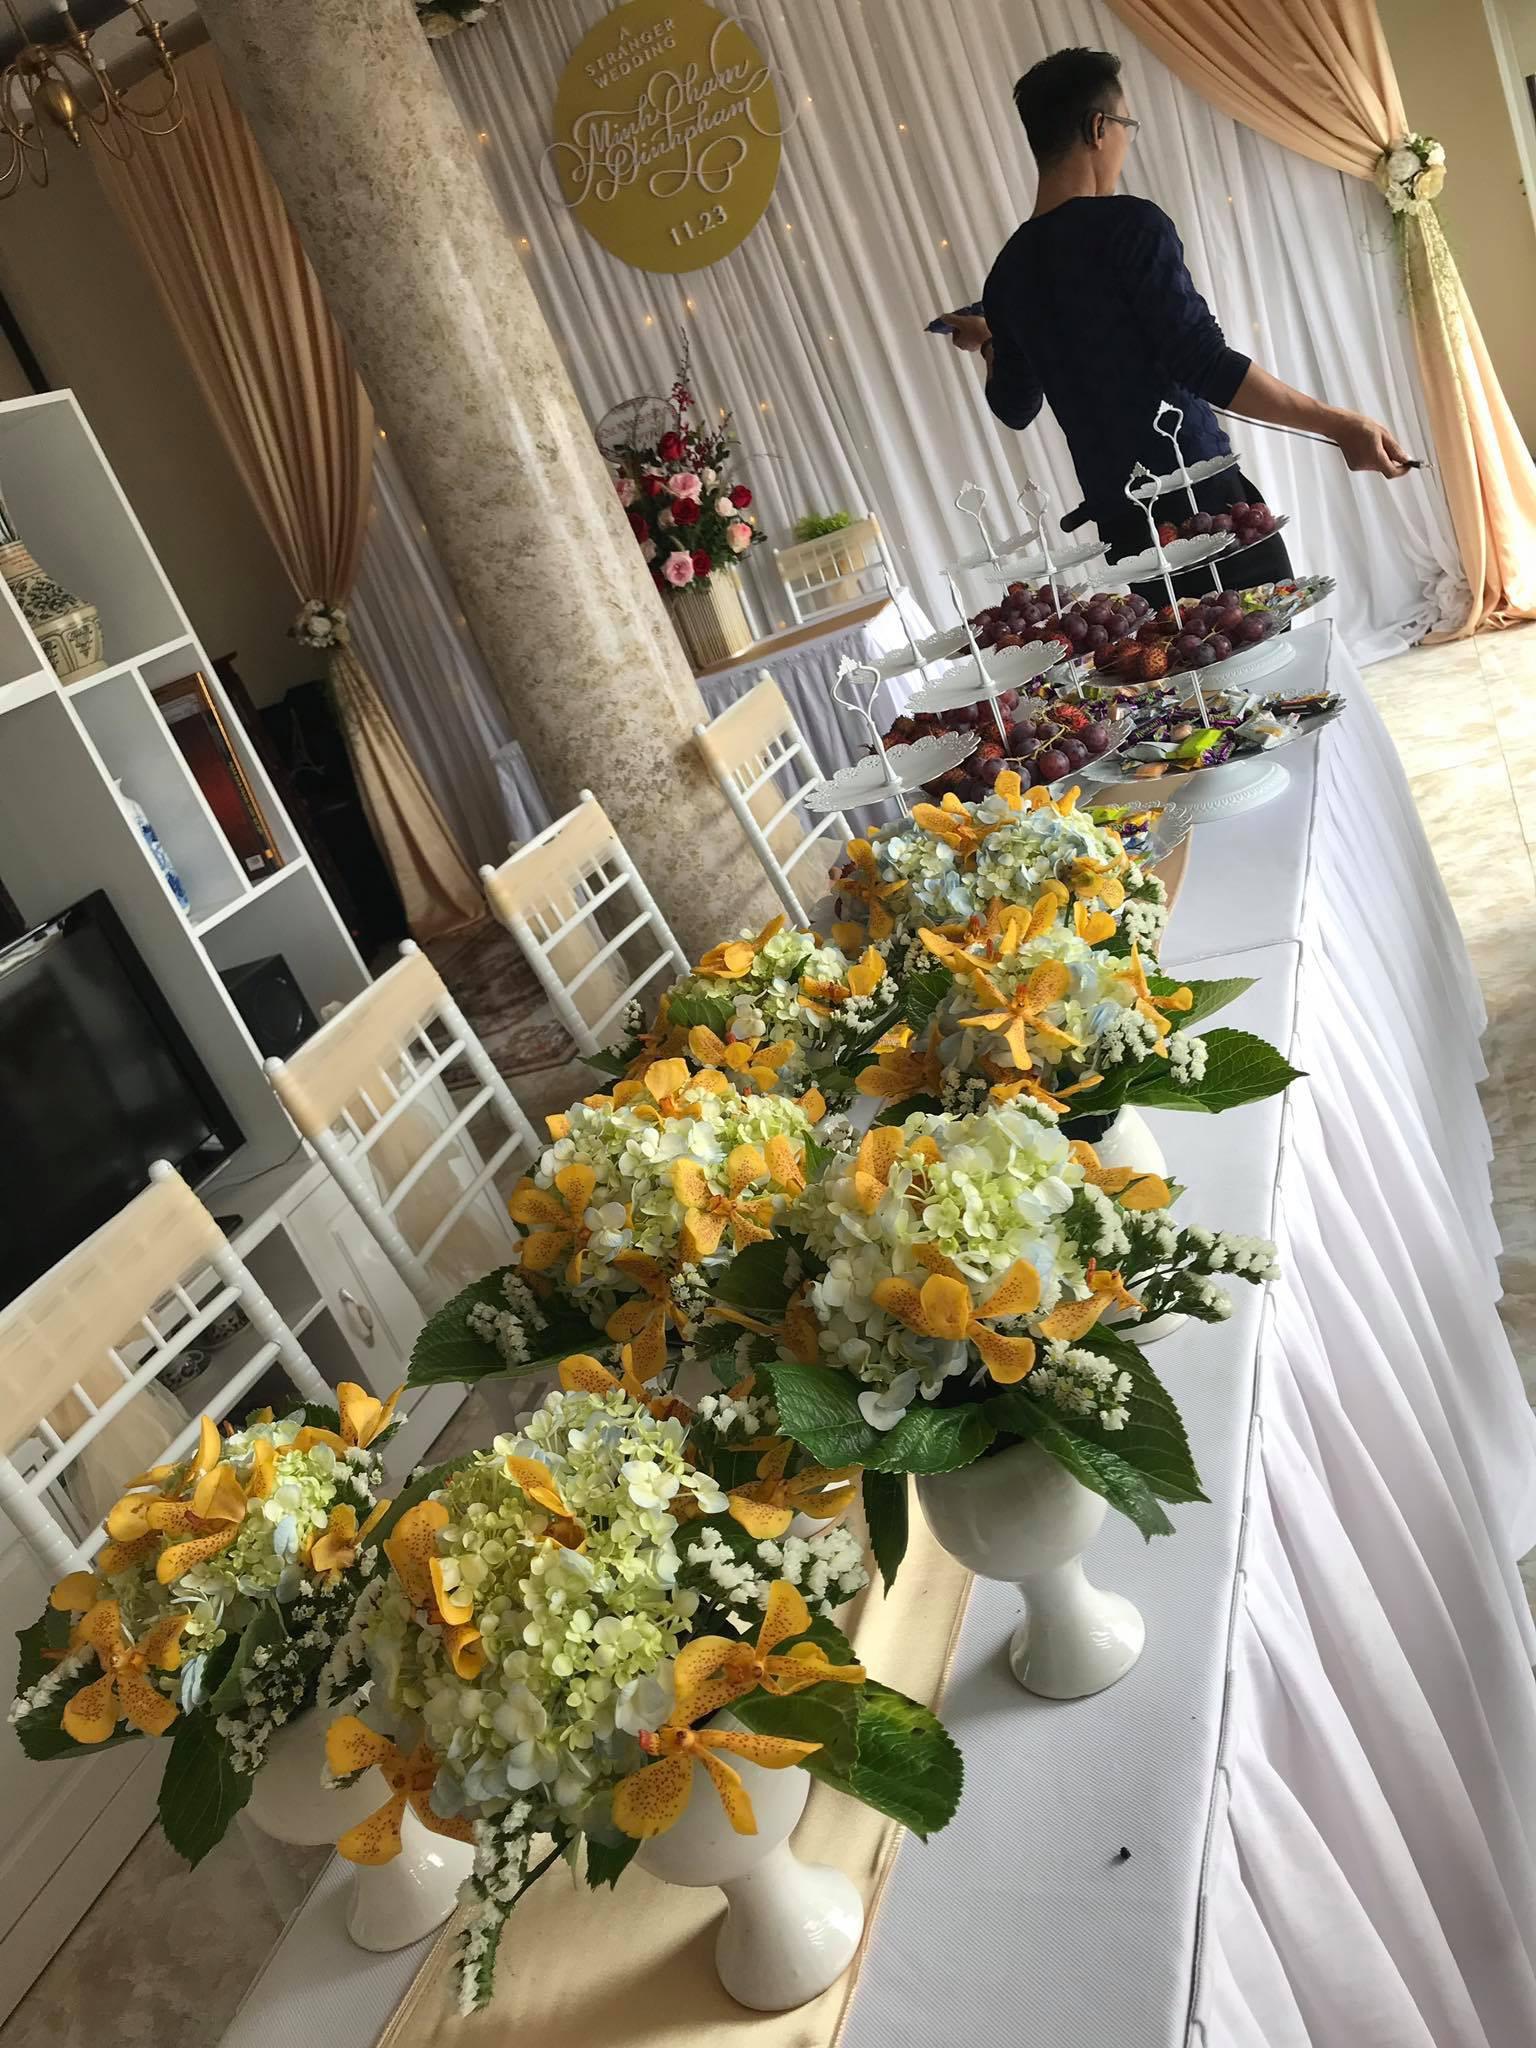 Con trai cơ phó vừa hủy hôn, con gái nghệ sĩ Hương Dung bất ngờ lên xe hoa, nhìn nhan sắc cô dâu ai cũng ngỡ ngàng-7